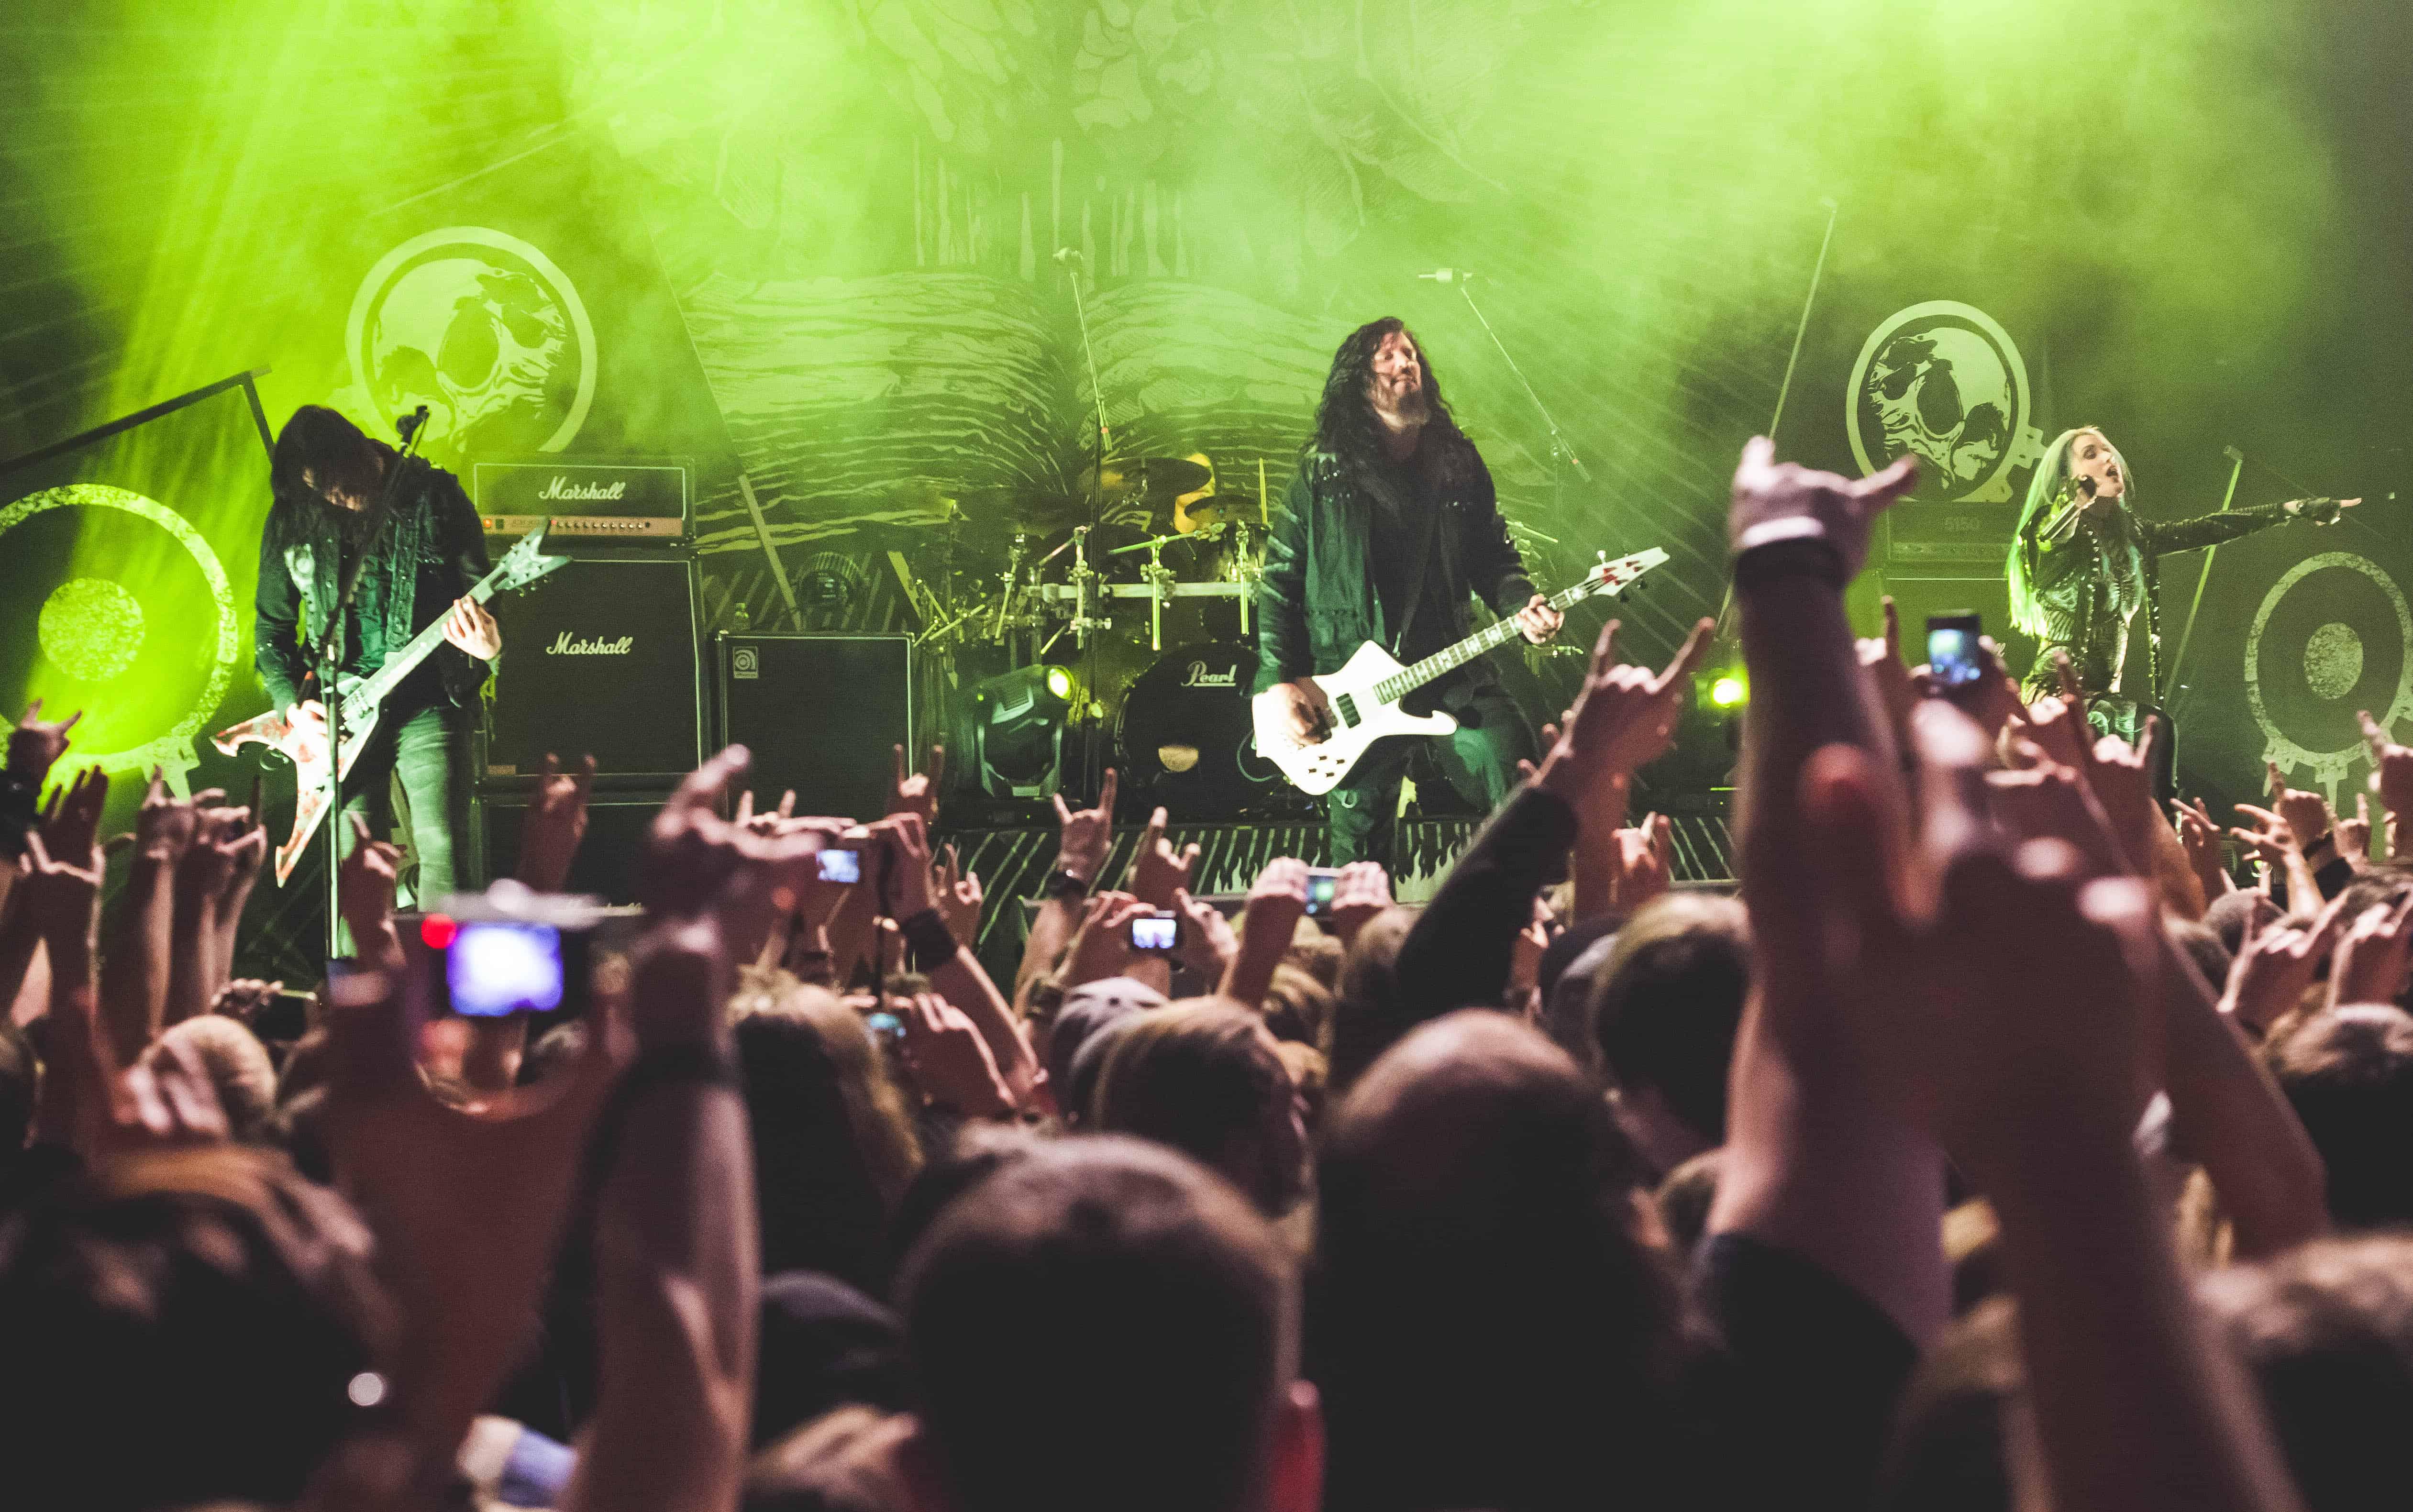 Концерт Arch Enemy в ГЛАВCLUB GREEN CONCERT Концерт Arch Enemy в ГЛАВCLUB GREEN CONCERT IMG 7360